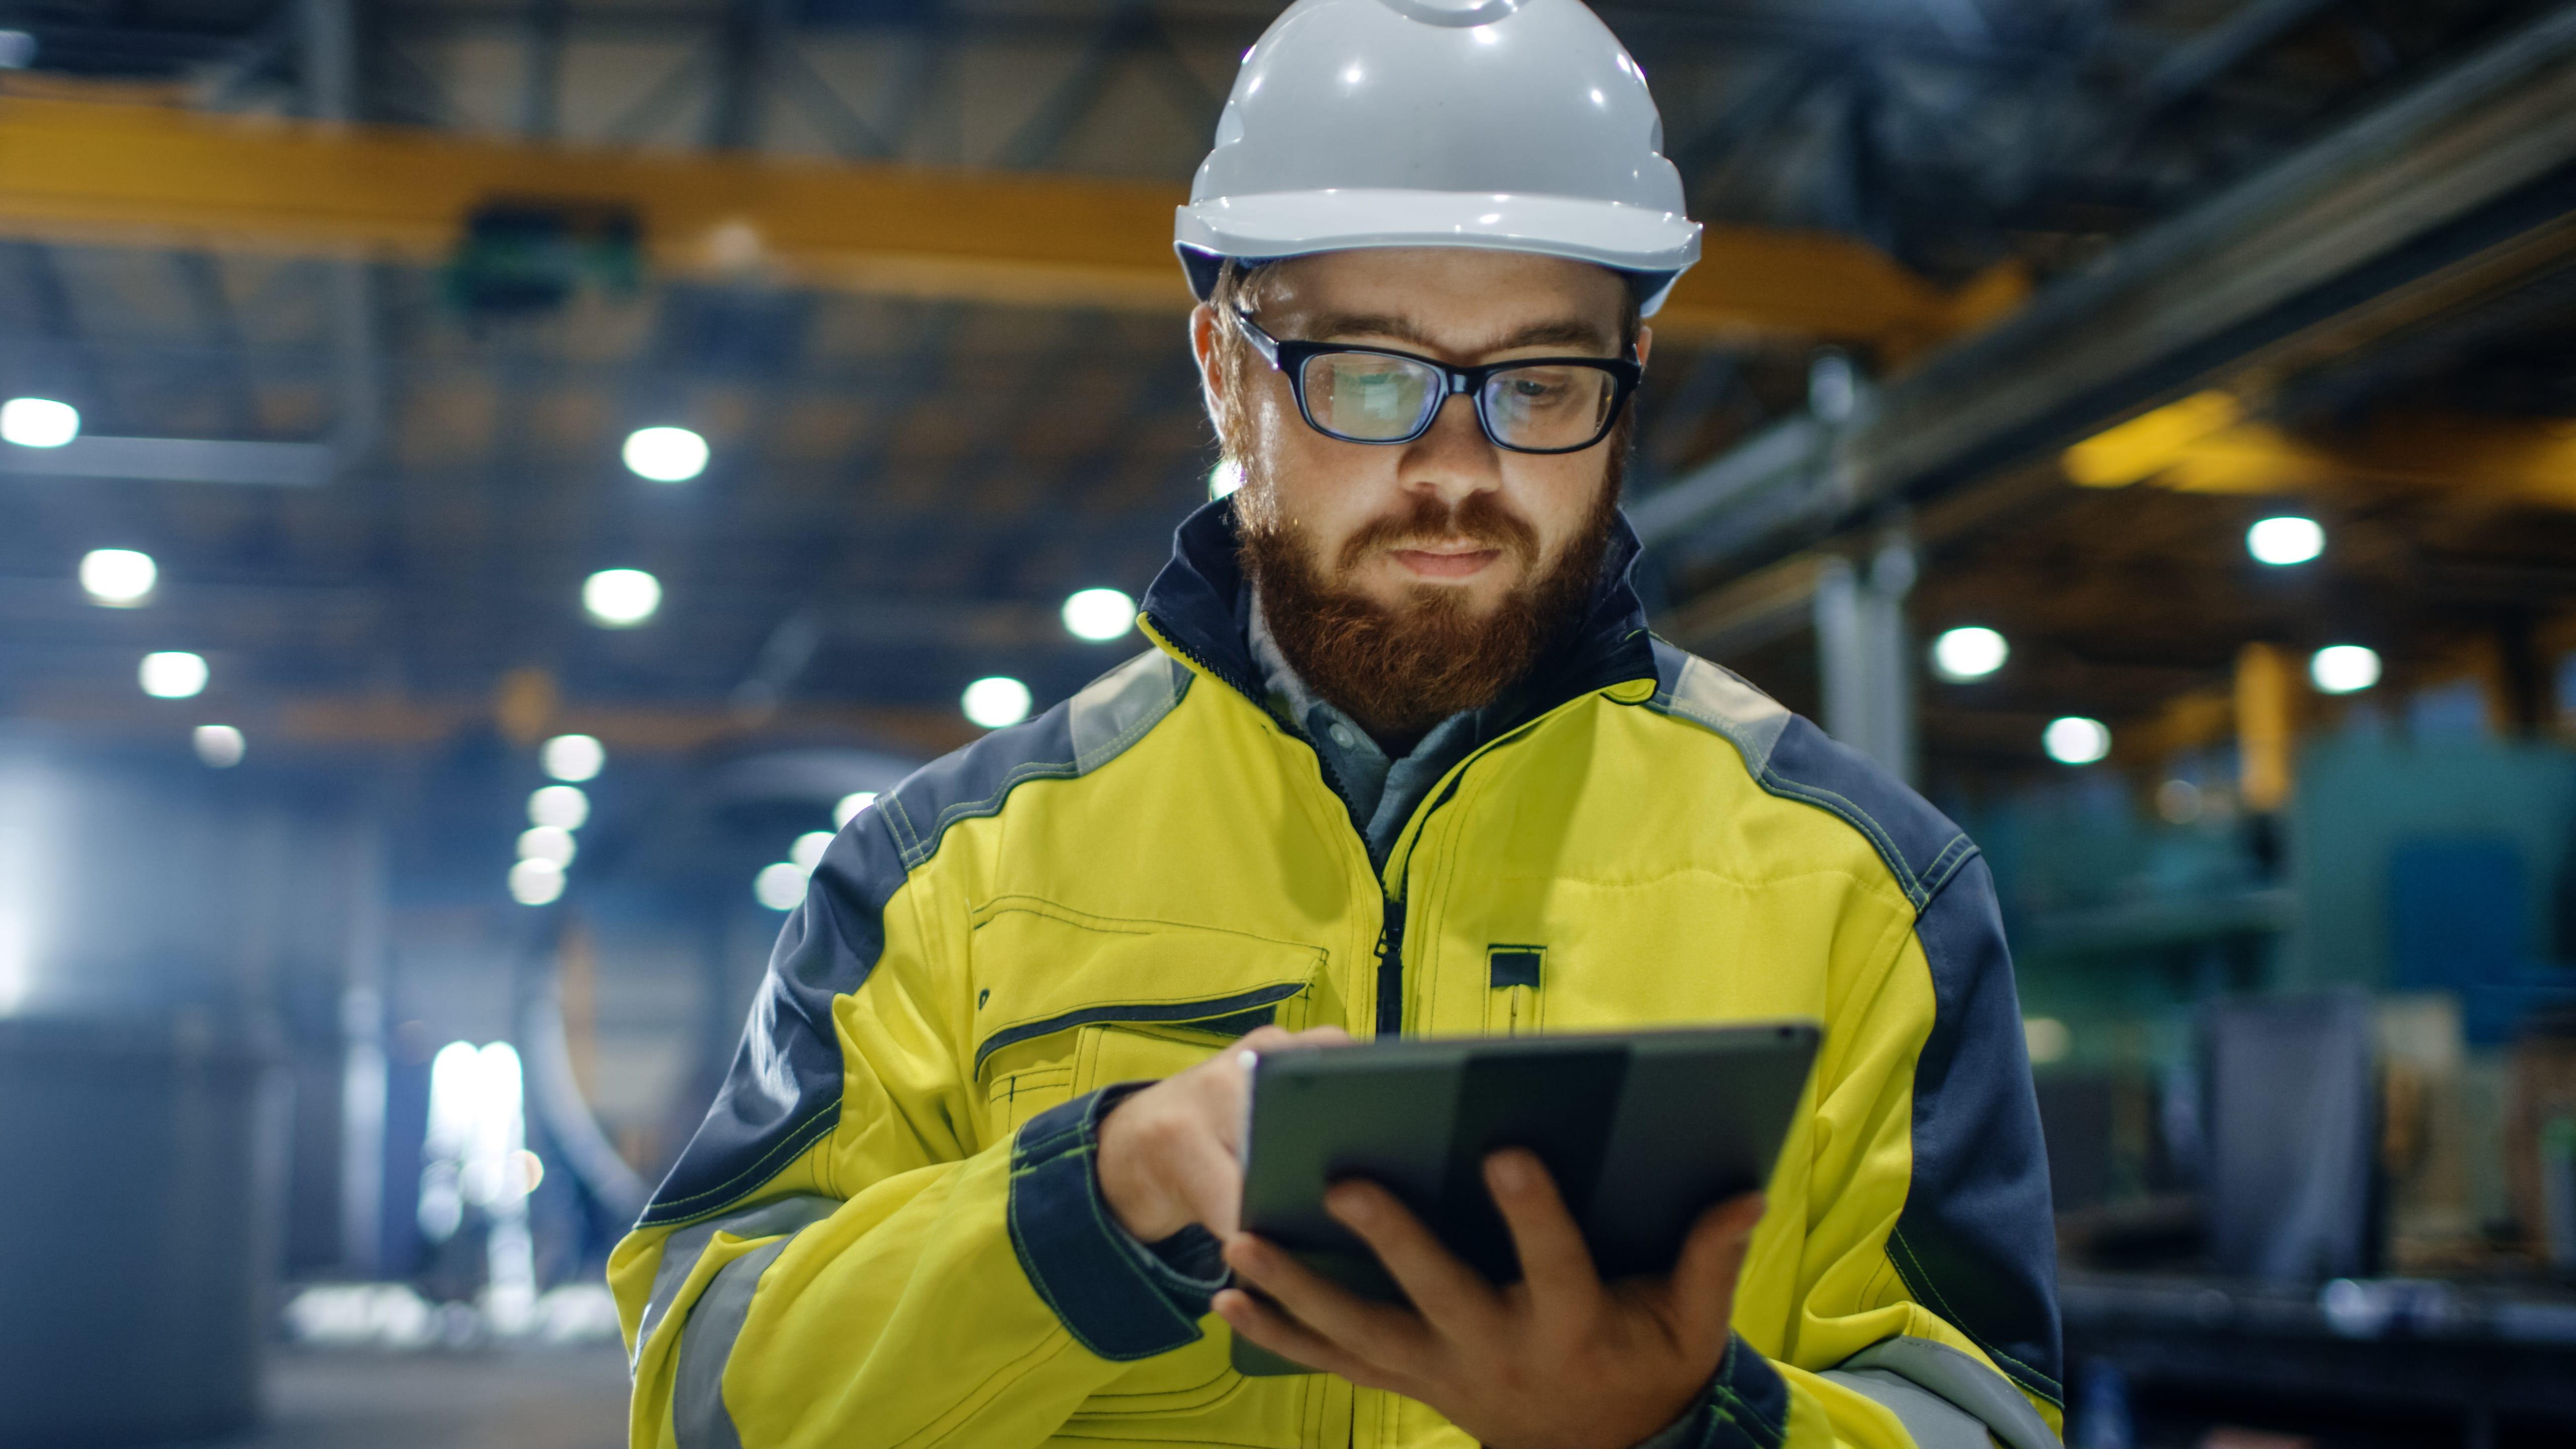 Industrial Engineer in Hard Hat